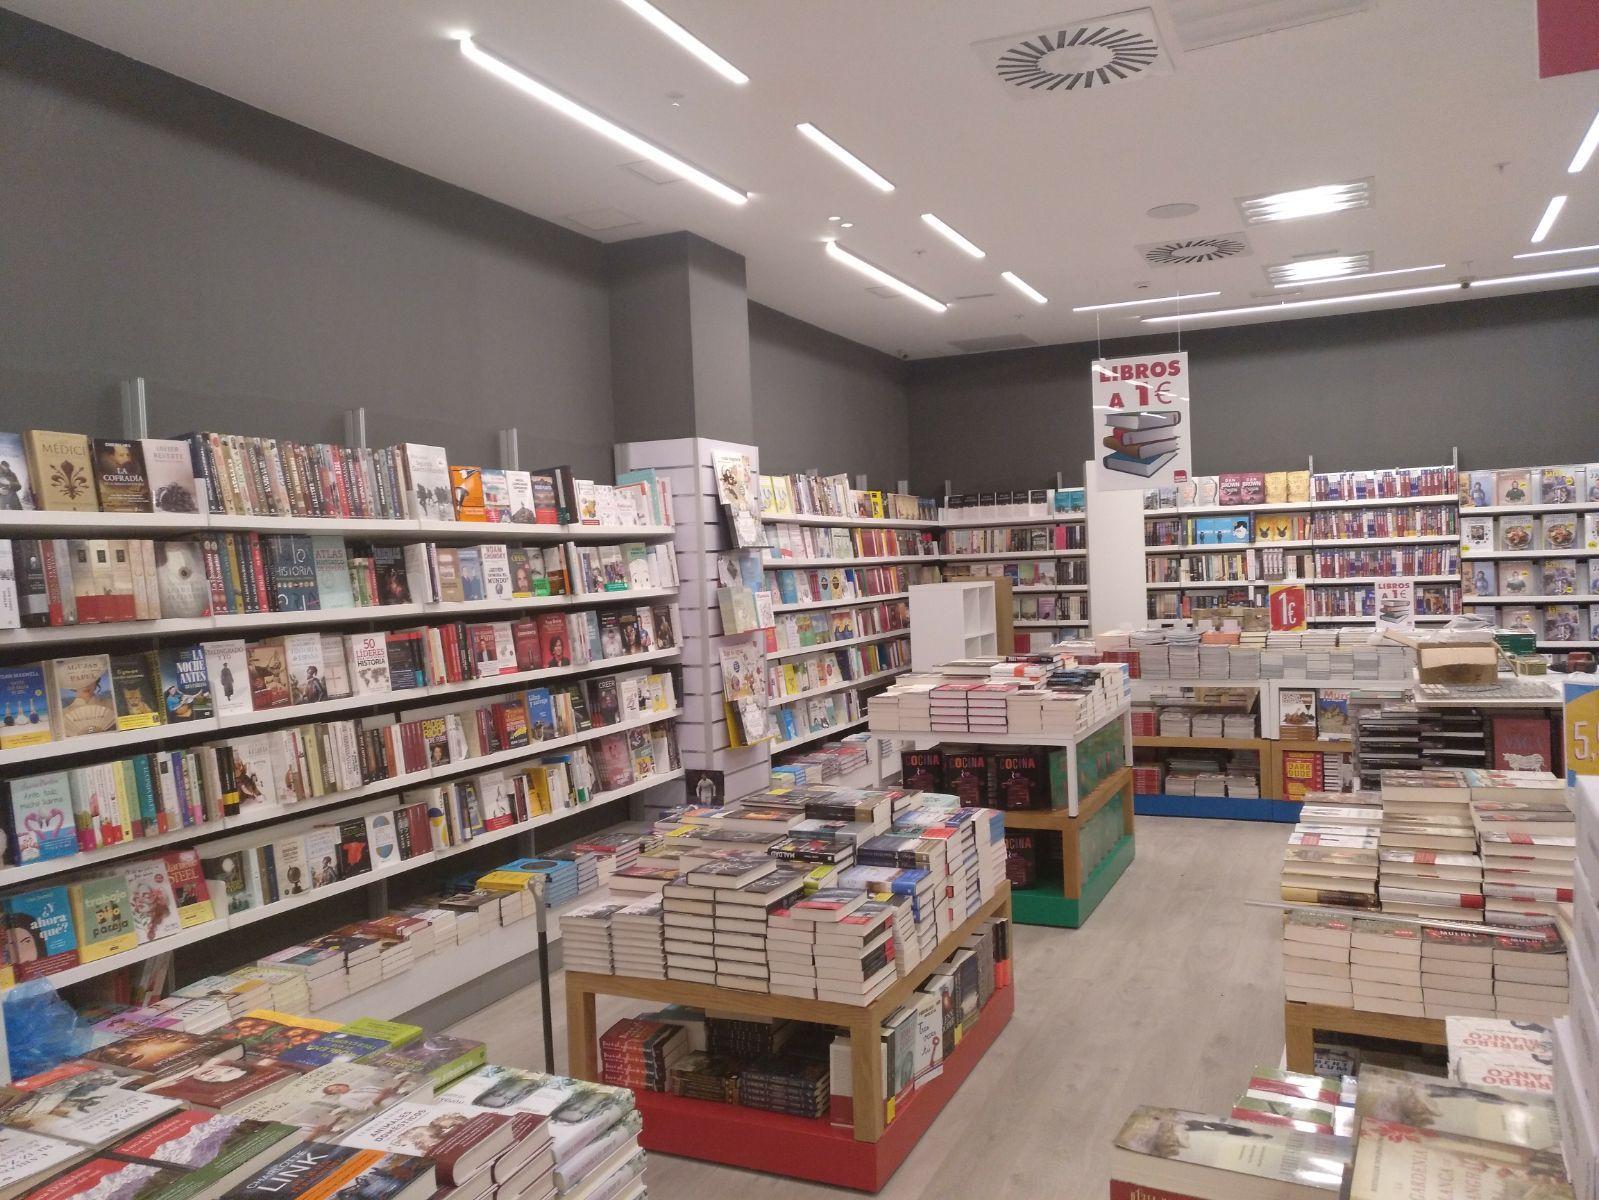 Librería en Centro Comercial. Madrid Río 2: Servicios loterías y estancos de Radis Equip